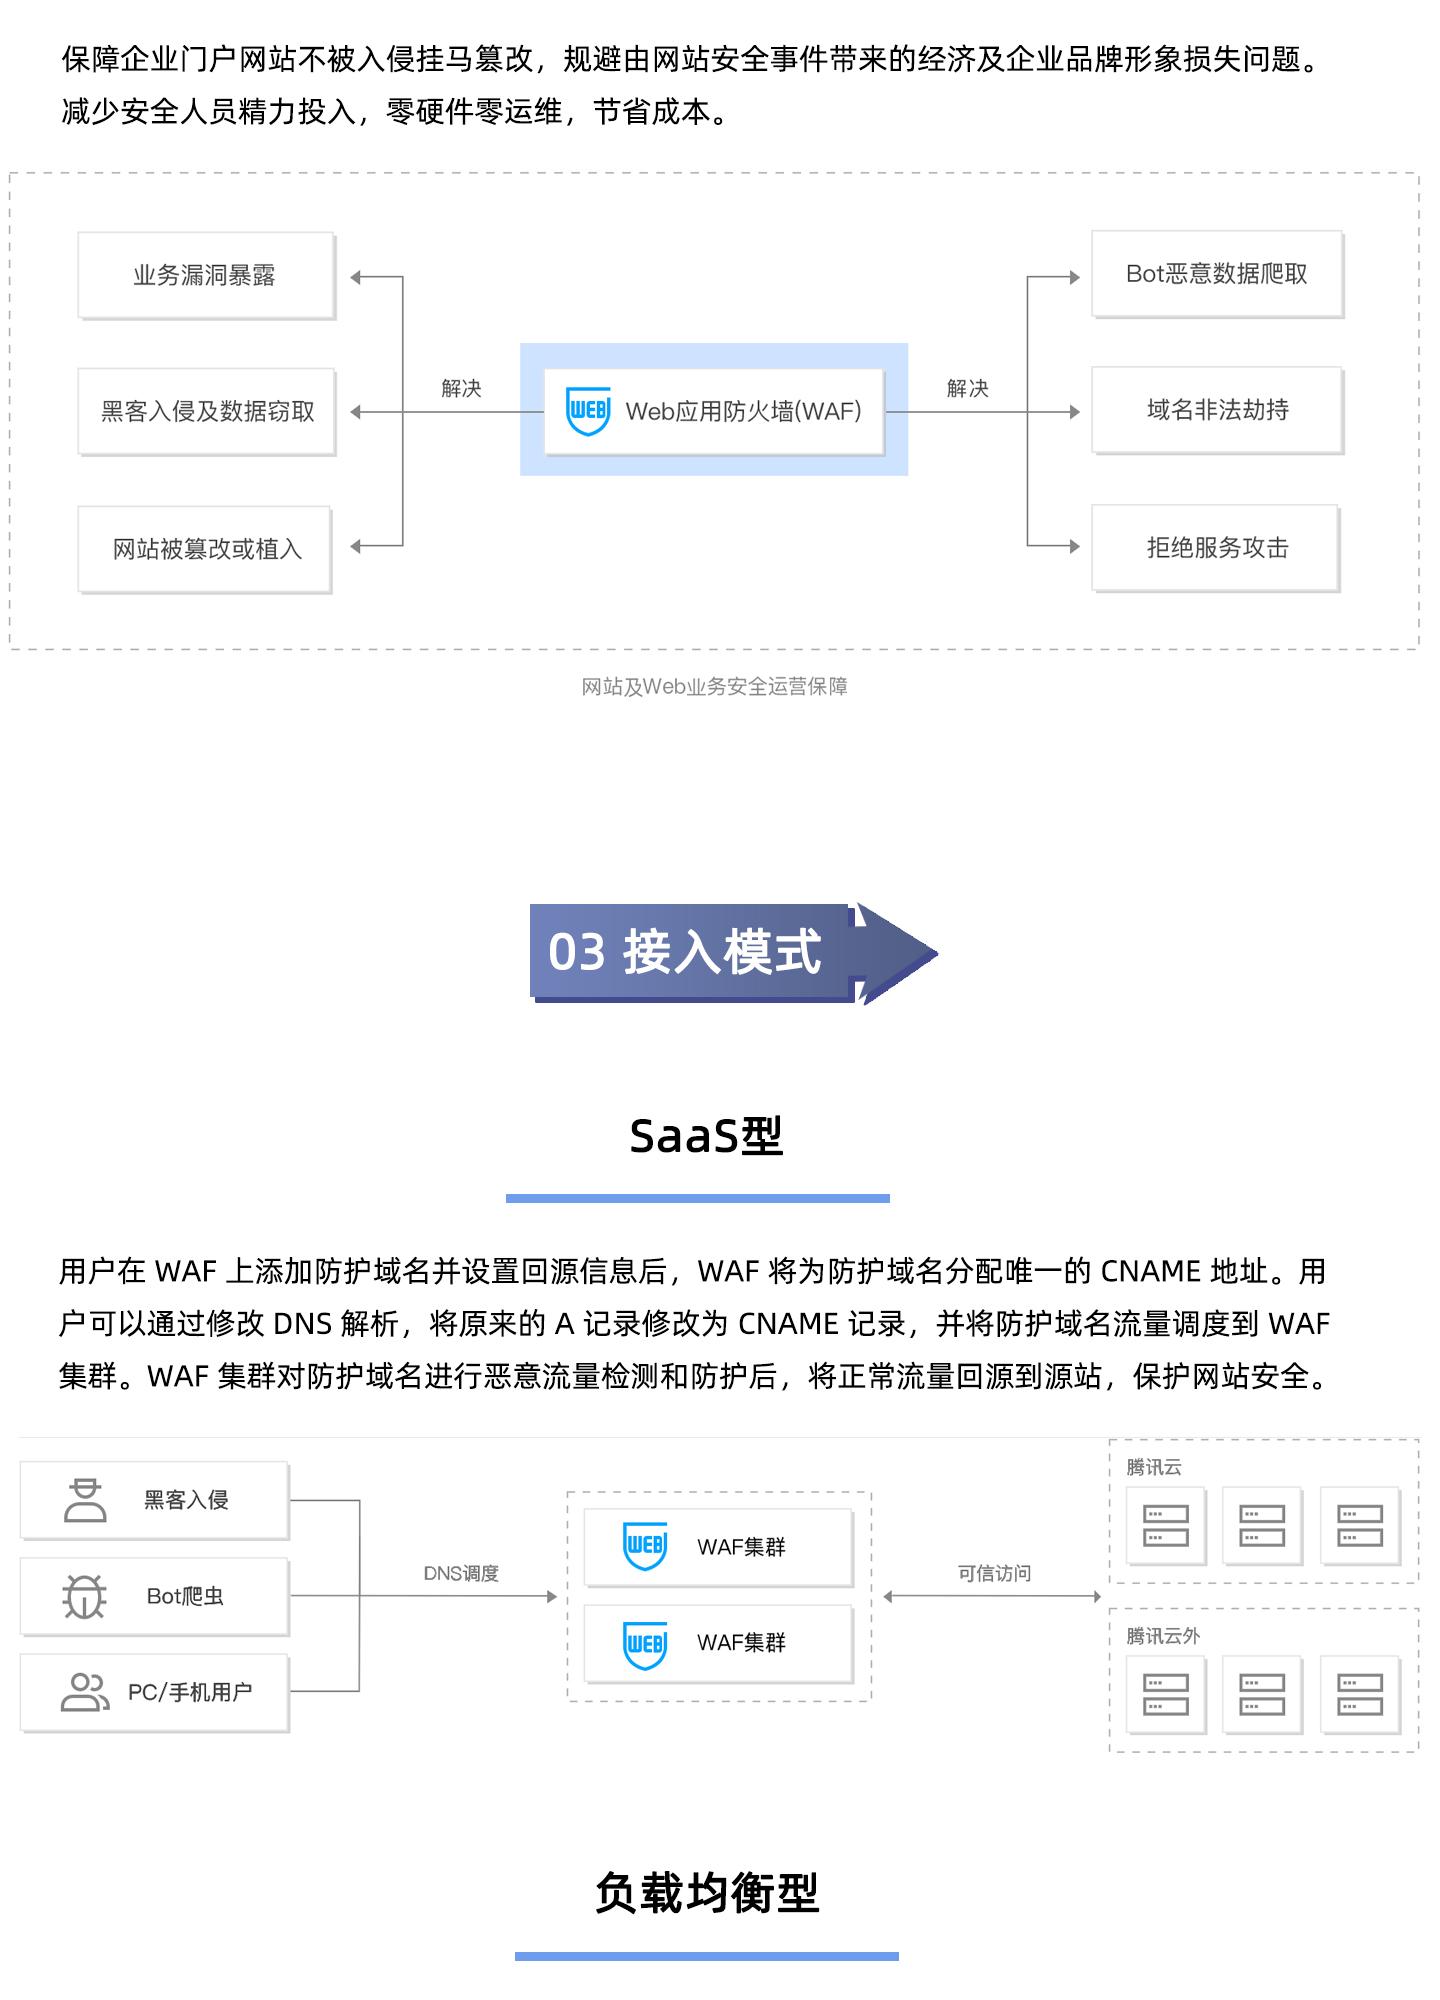 T-Sec-Web-应用防火墙1440_05.jpg